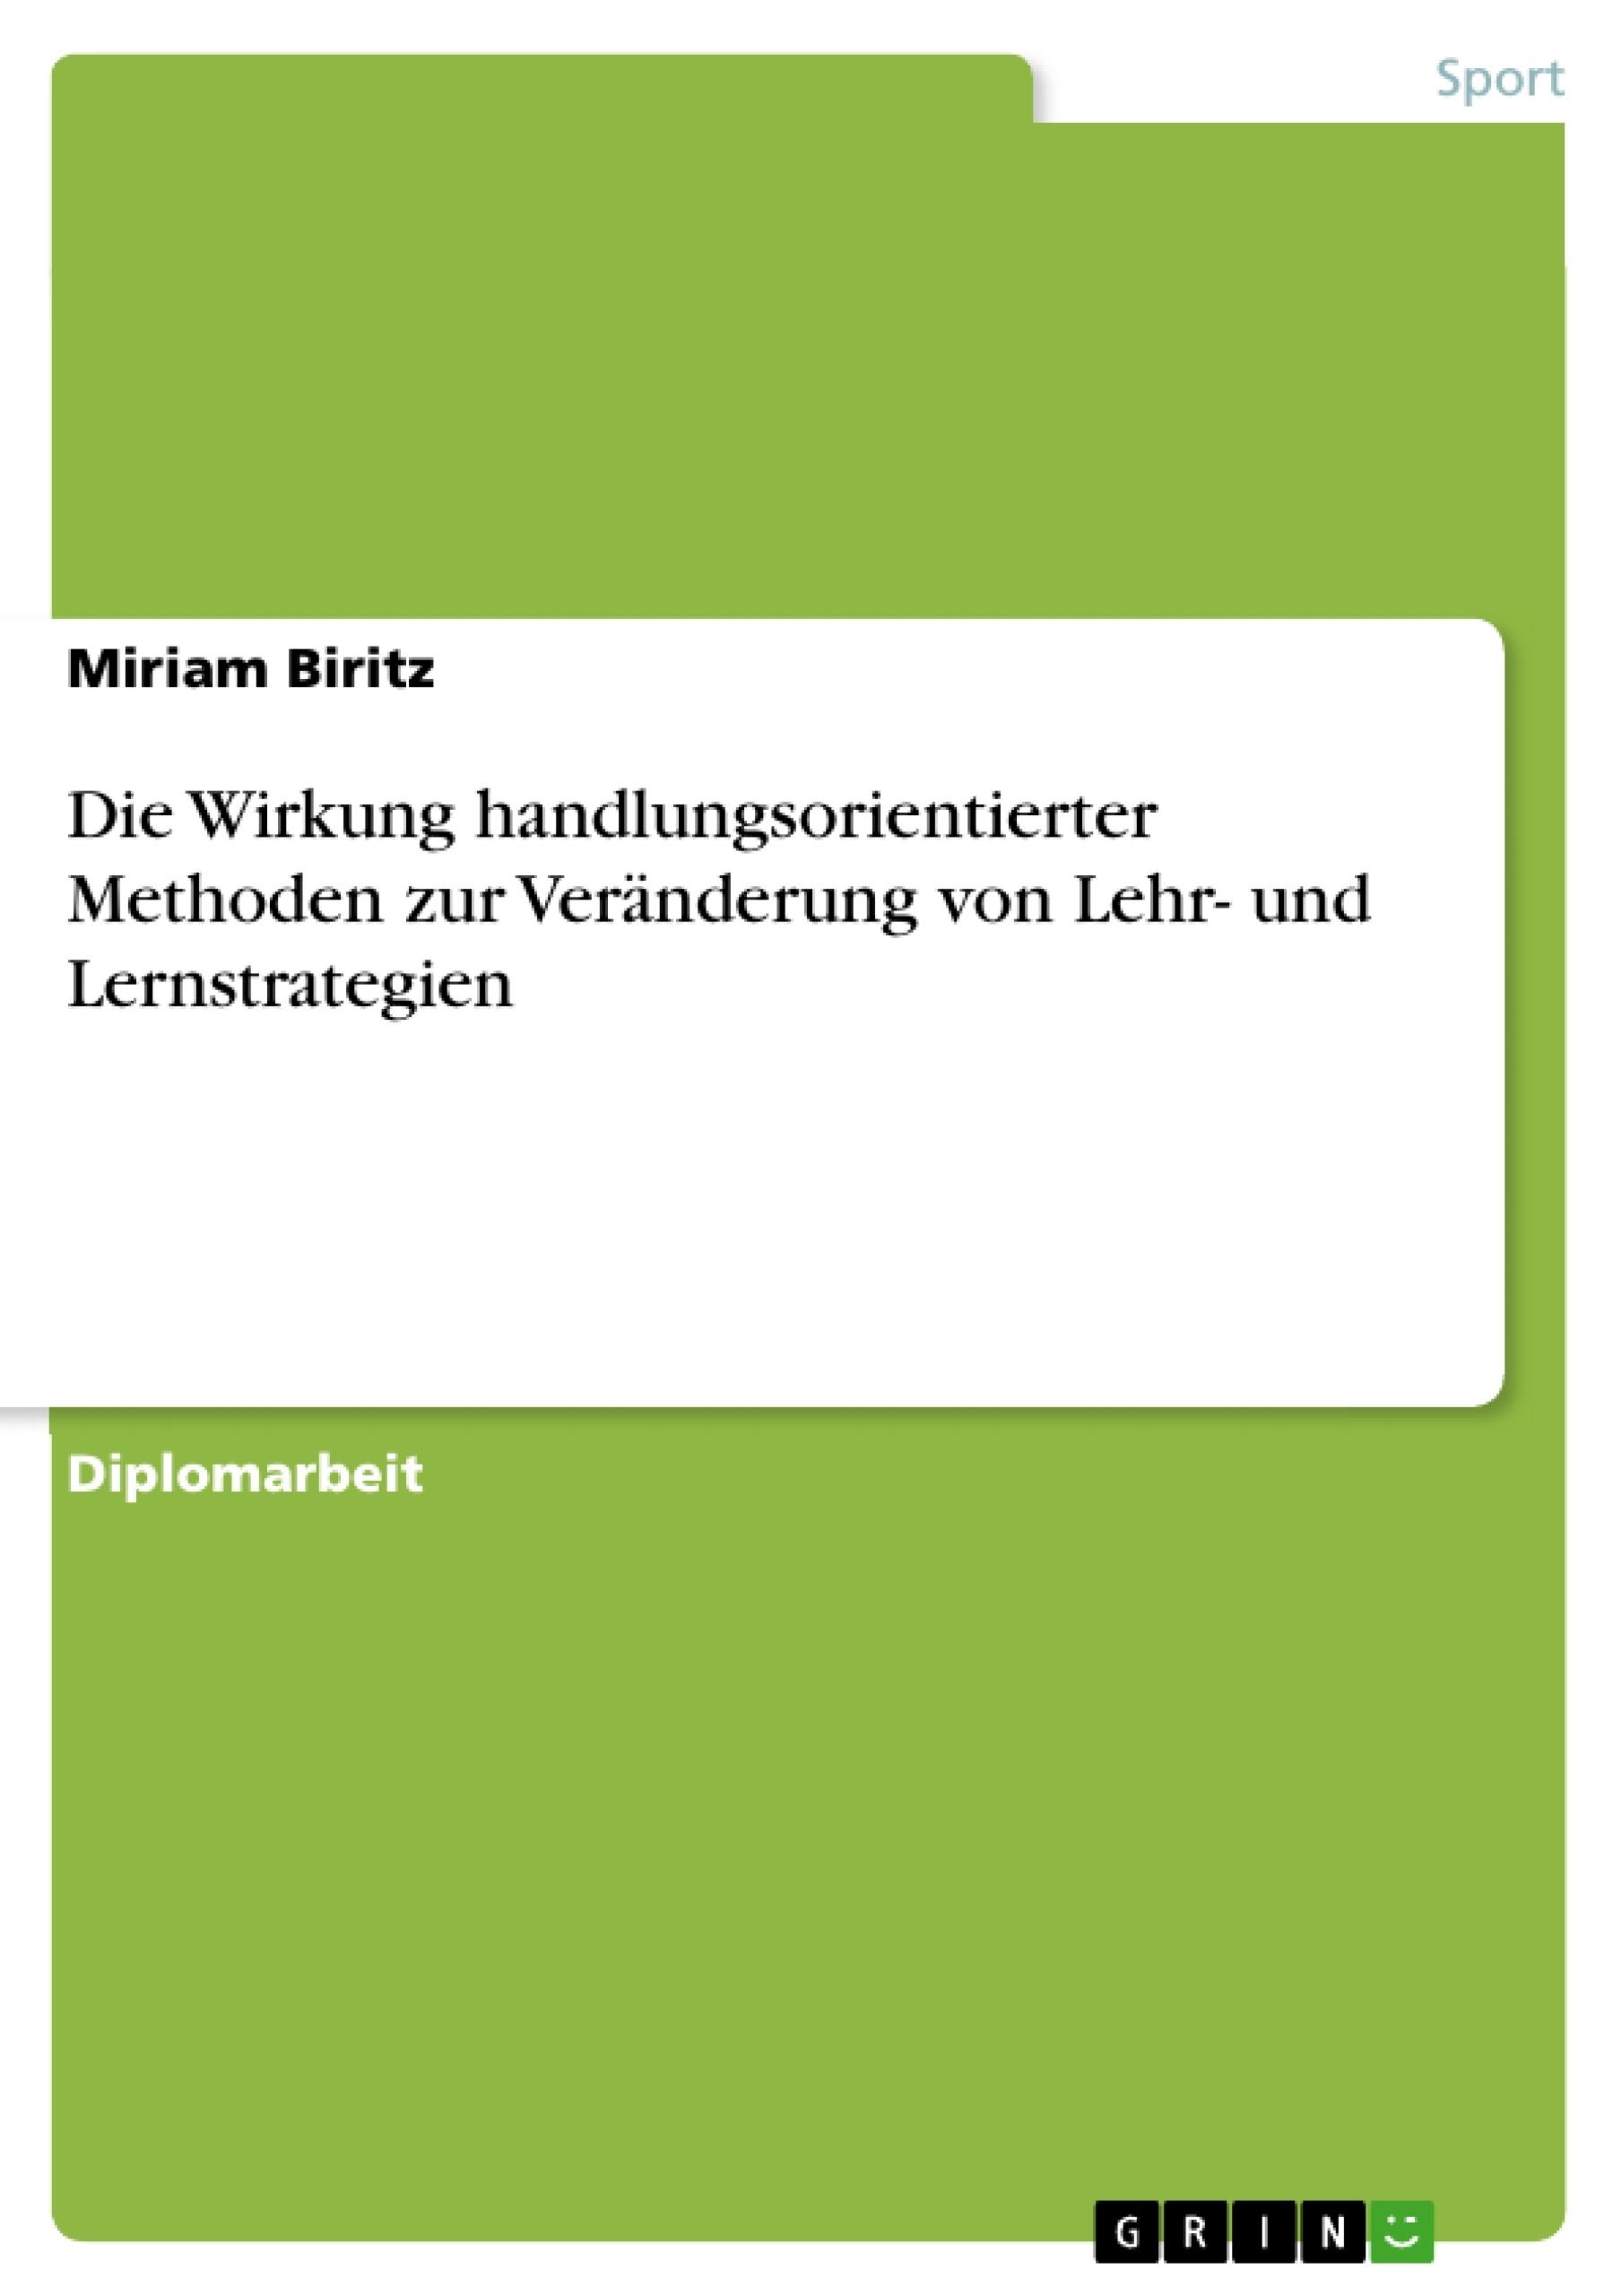 Titel: Die Wirkung handlungsorientierter Methoden zur Veränderung von Lehr- und Lernstrategien